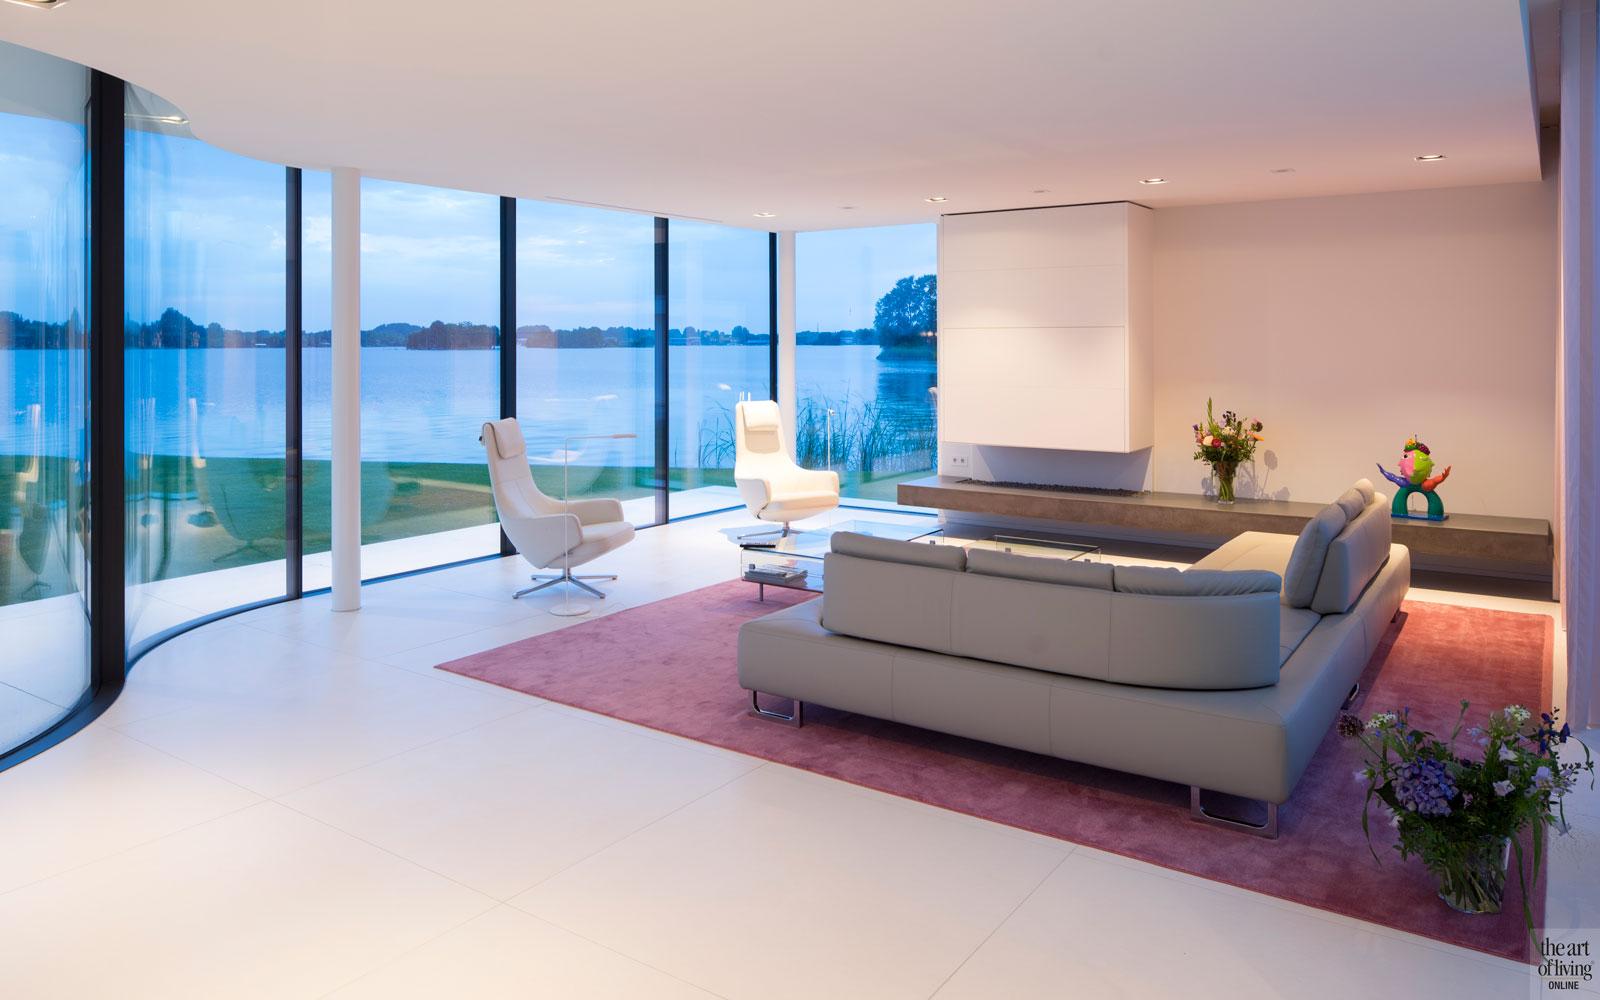 Meubels, stoffering, verlichting, Domez Interieurarchitecten, woonkamer, haard, boley, villa aan het water, Lab32 architecten